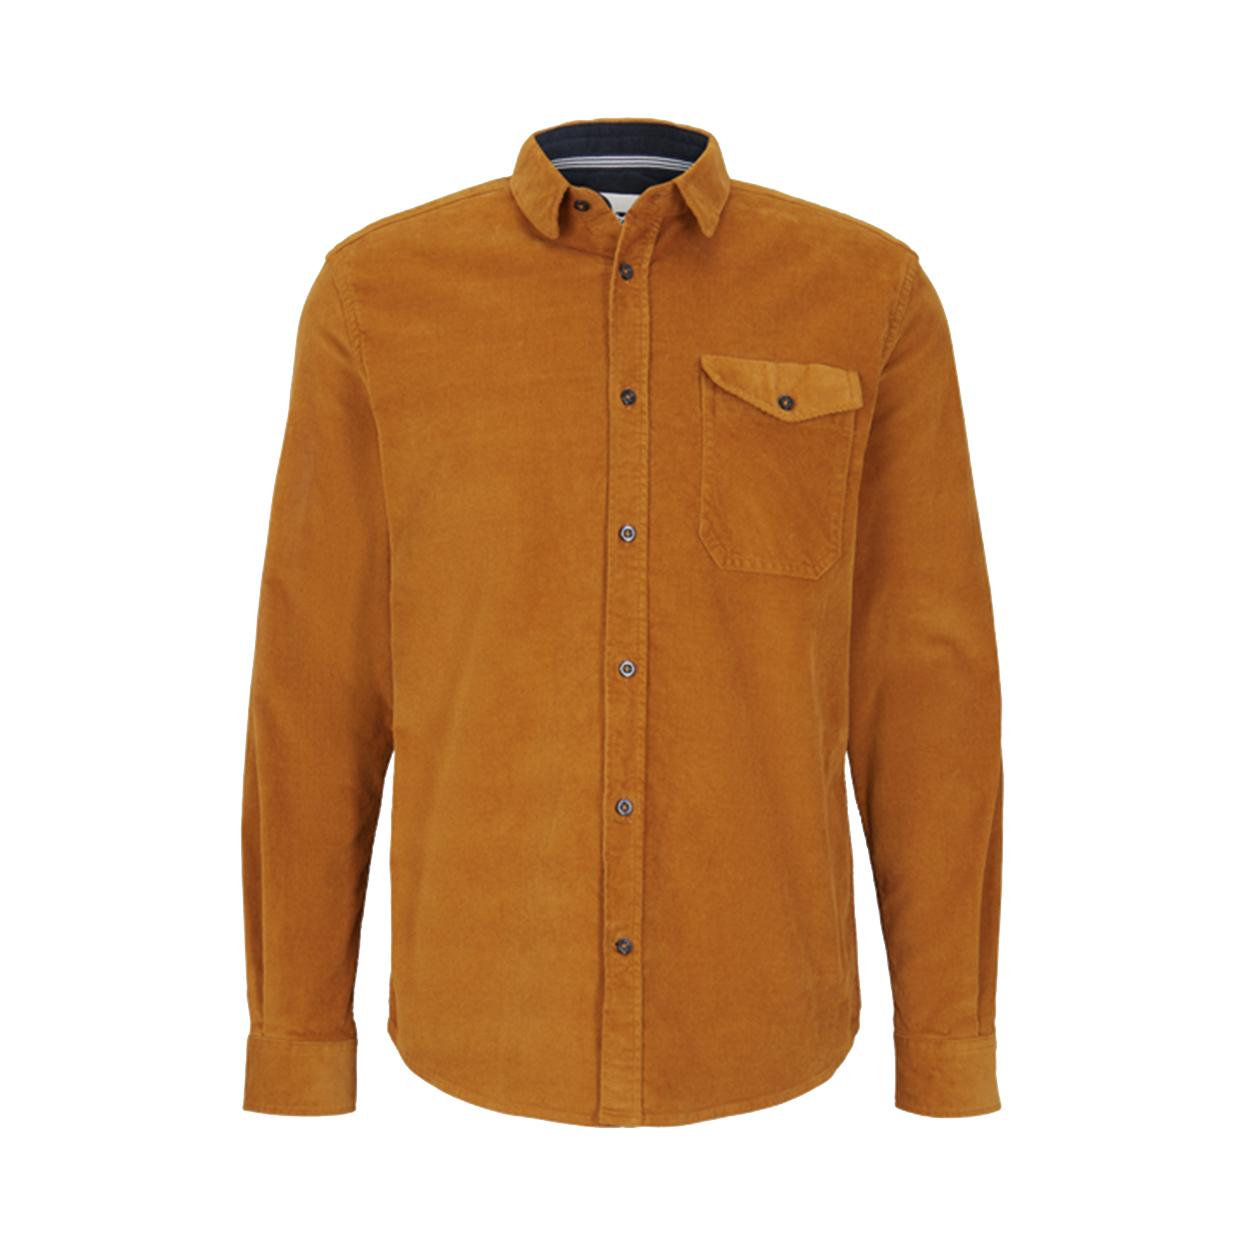 Chemise droite Tom Tailor en coton stretch orange effet velours côtelé